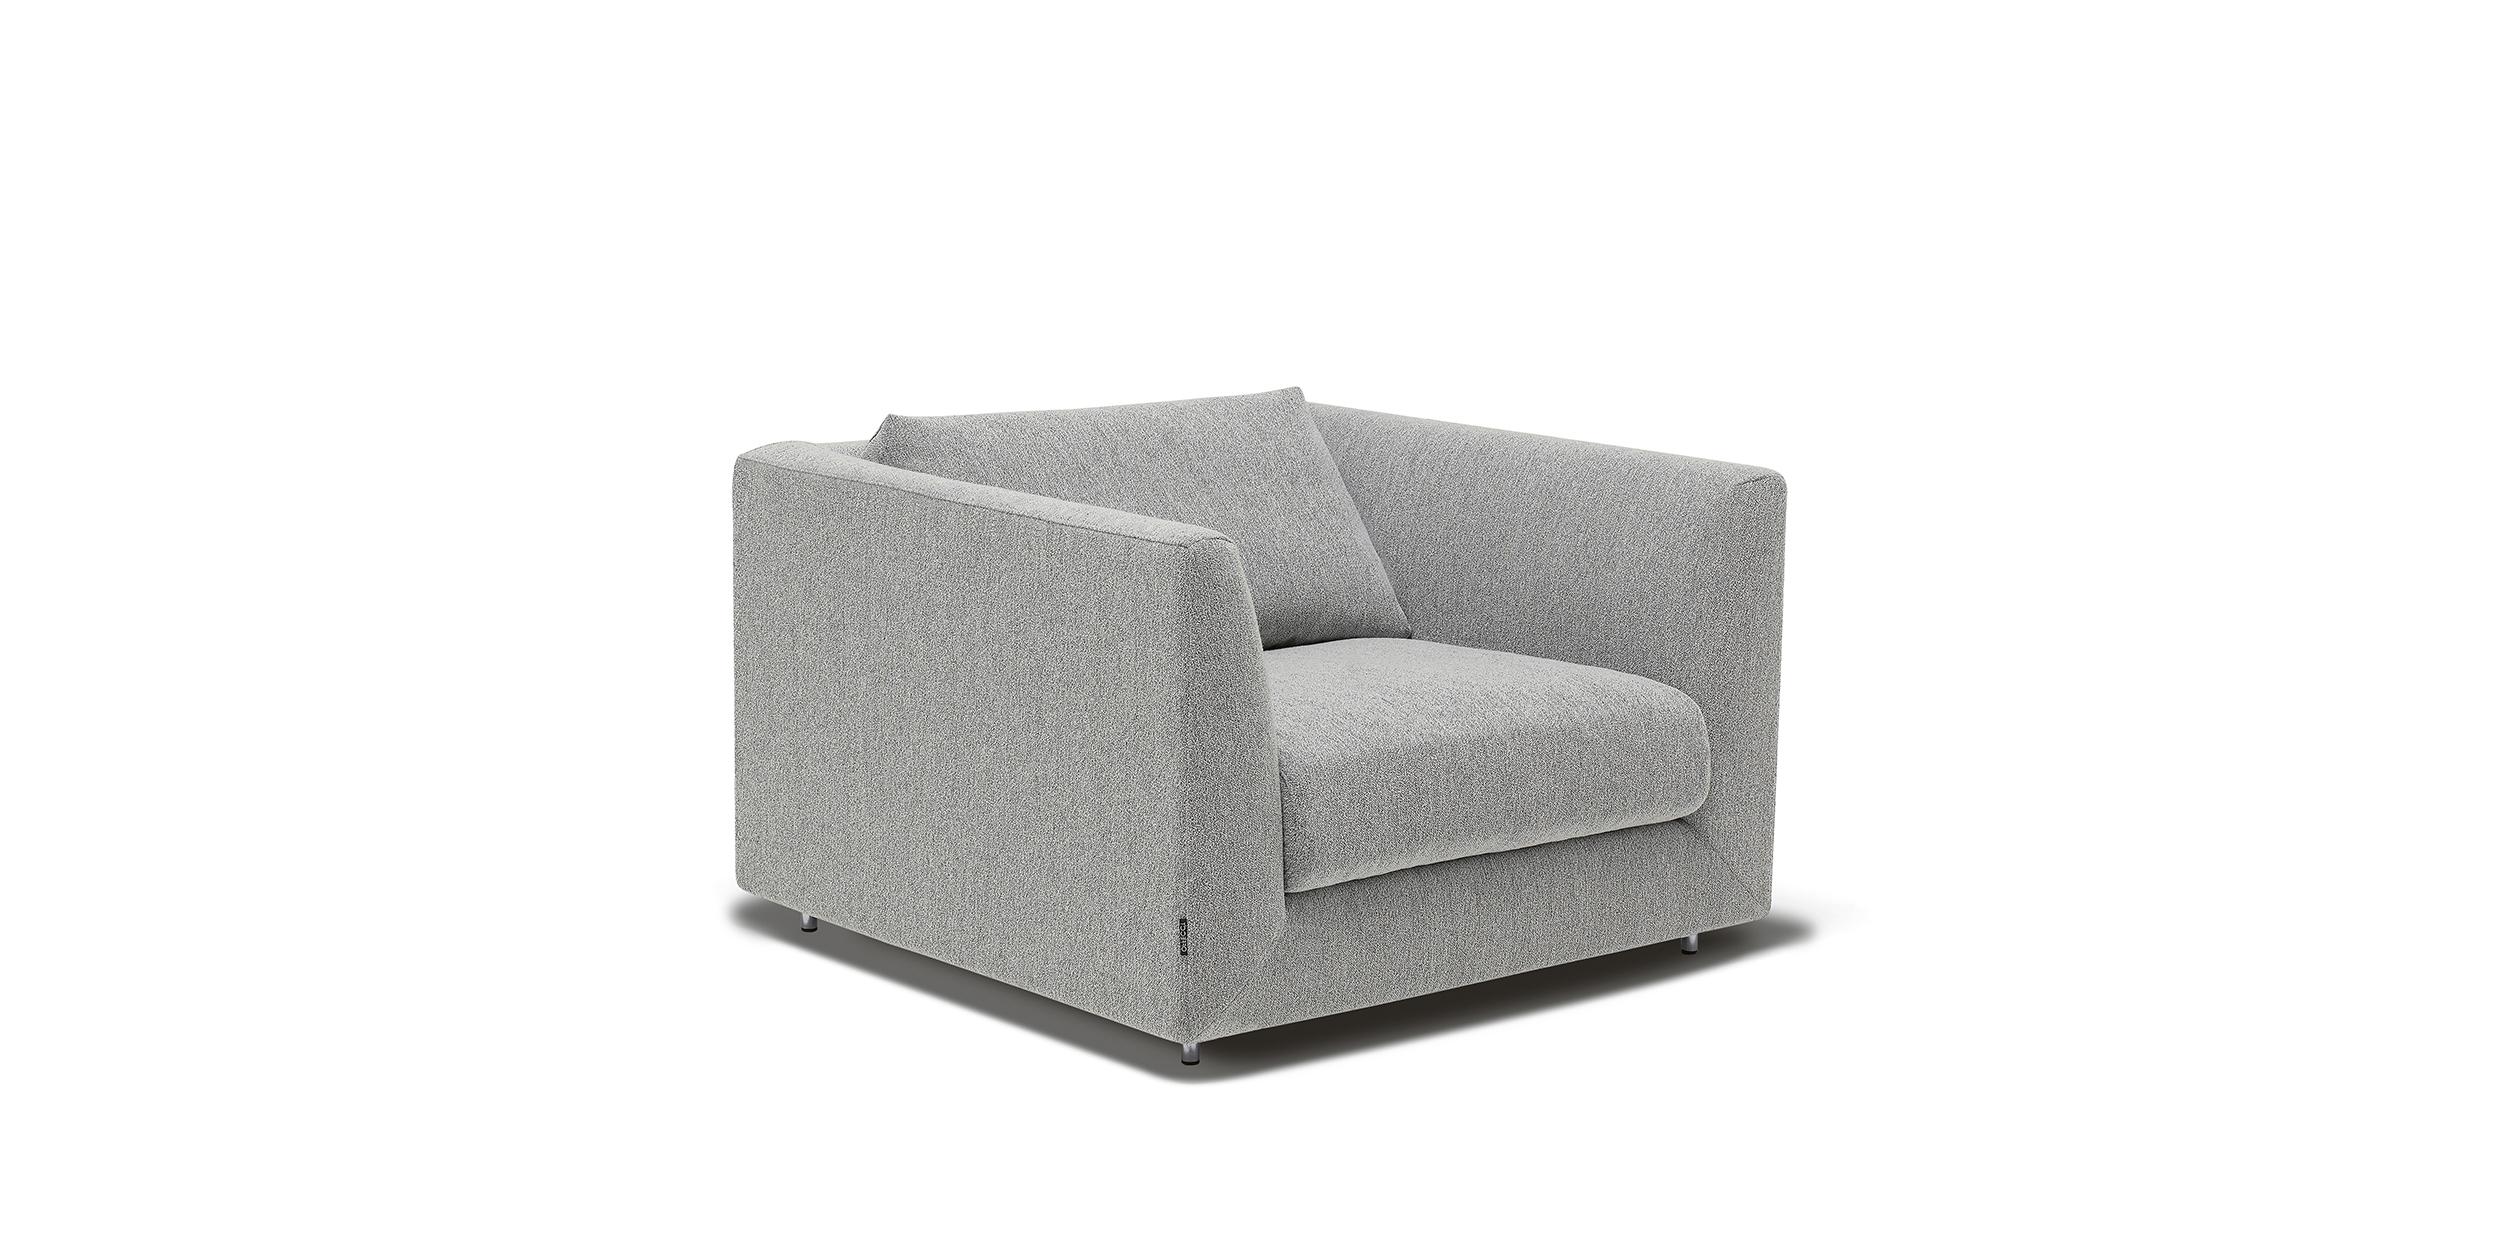 Nemo, Easy chair by Claesson Koivisto Rune